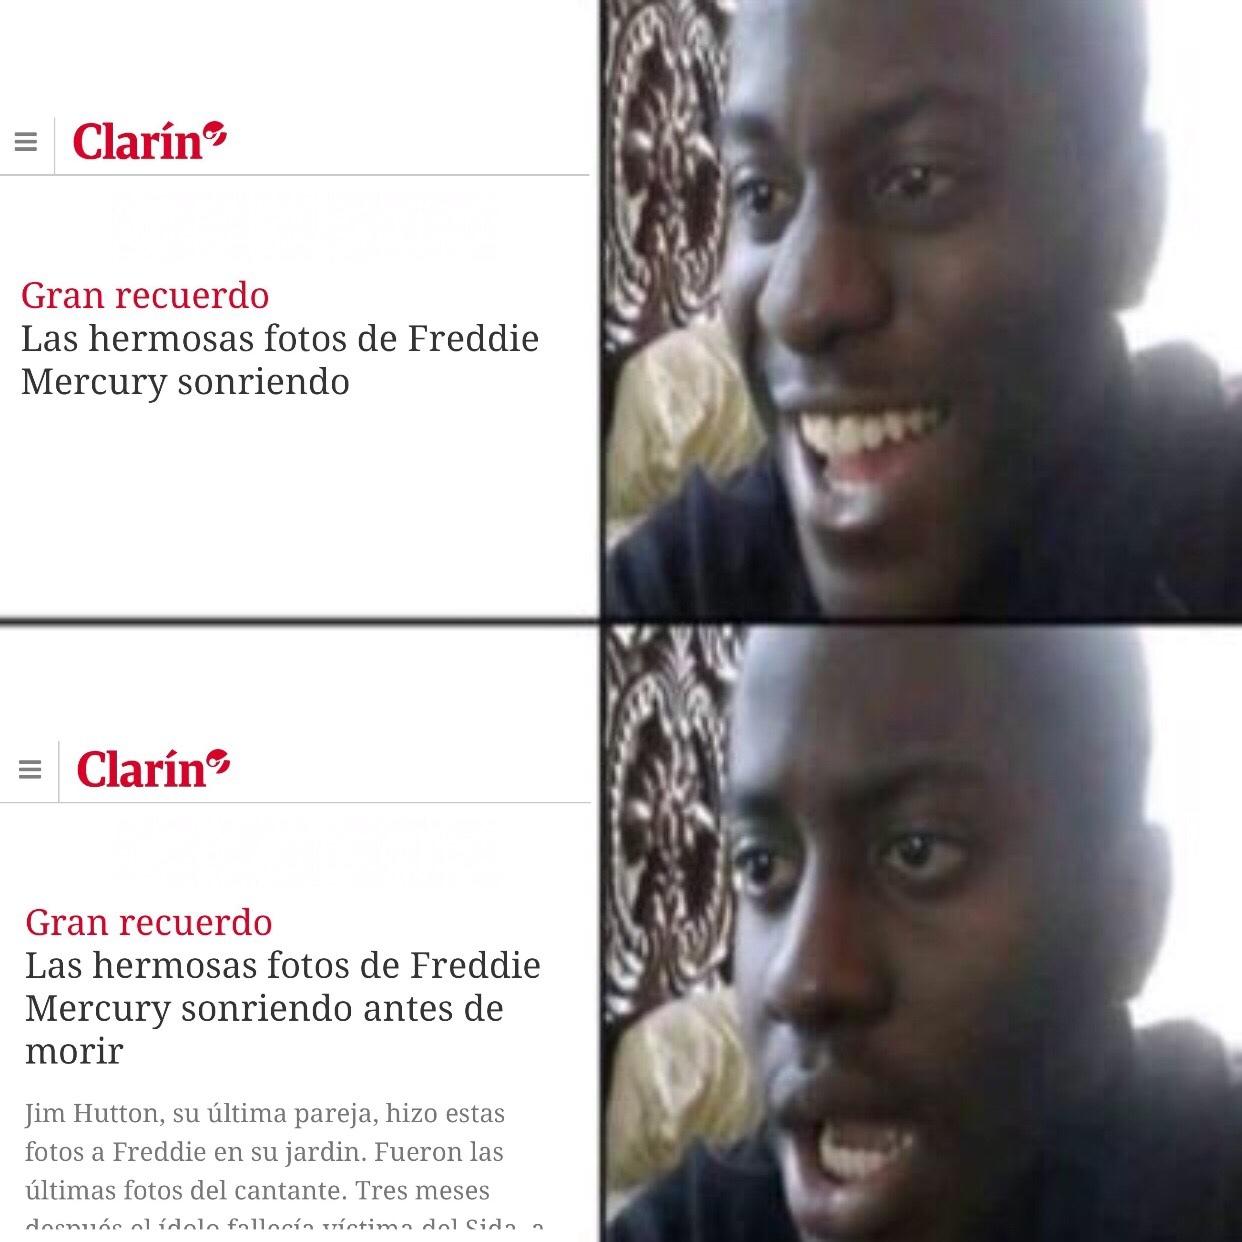 Diario Clarín - meme